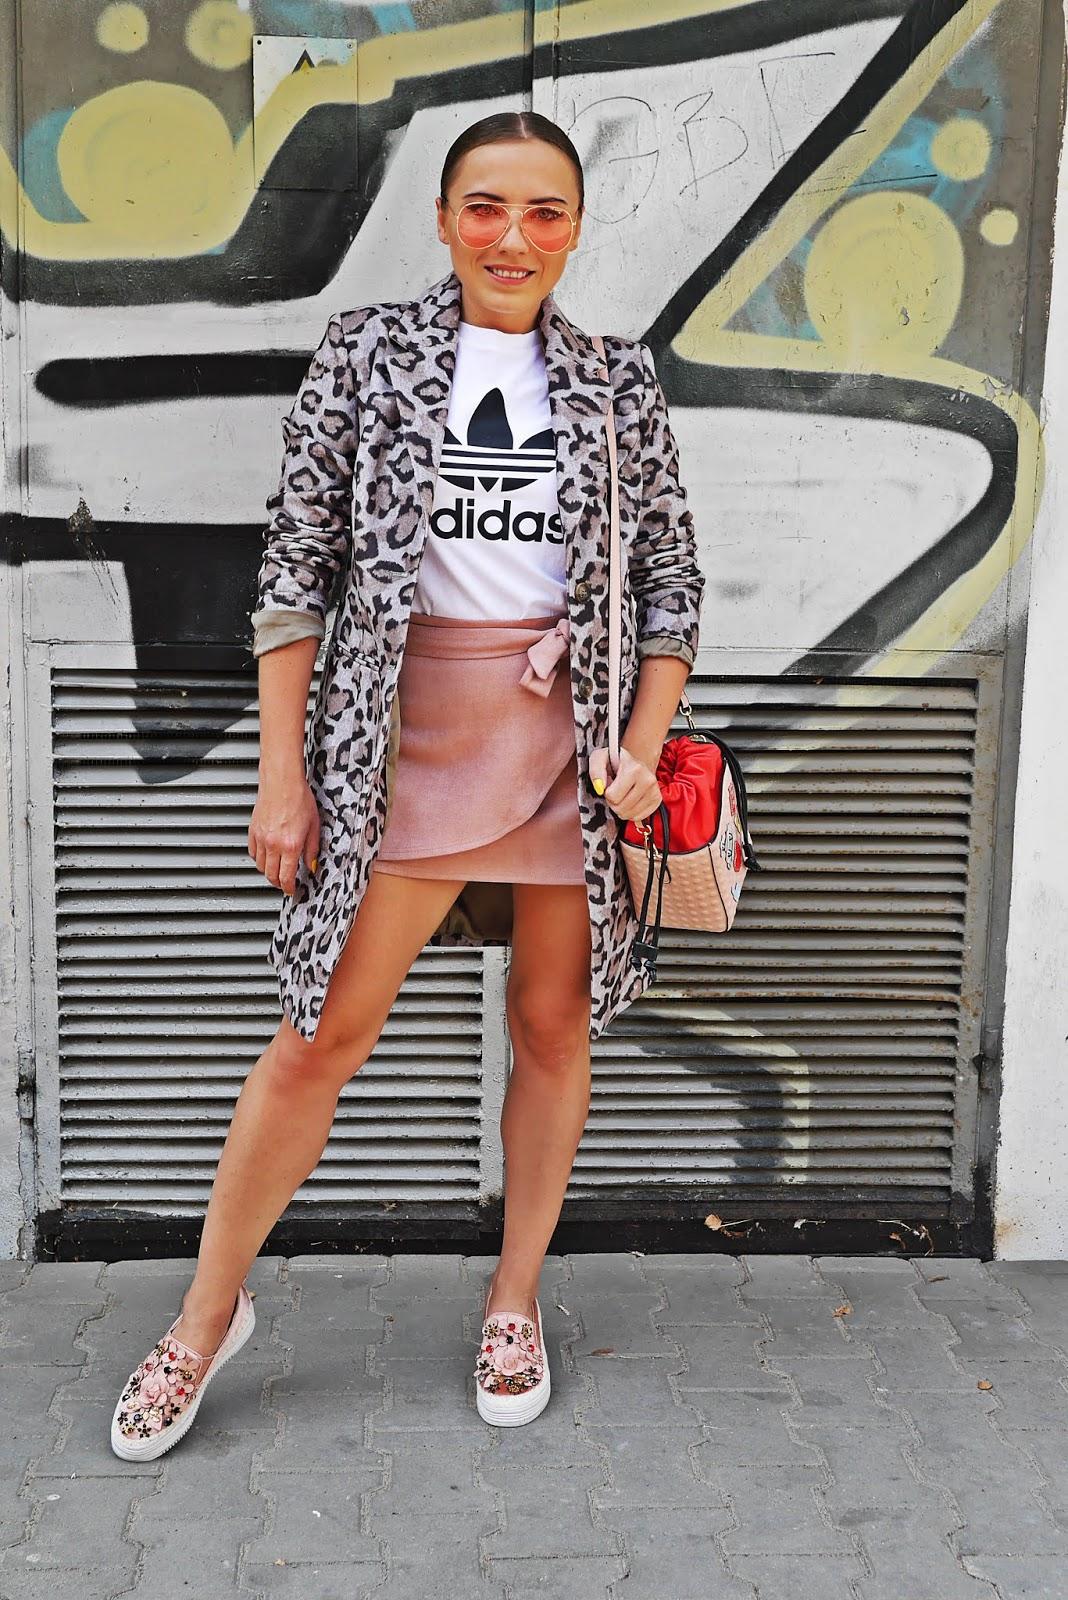 biały t-shirt szary płaszcz w panterkę boprix różowe okulary karyn blog modowy